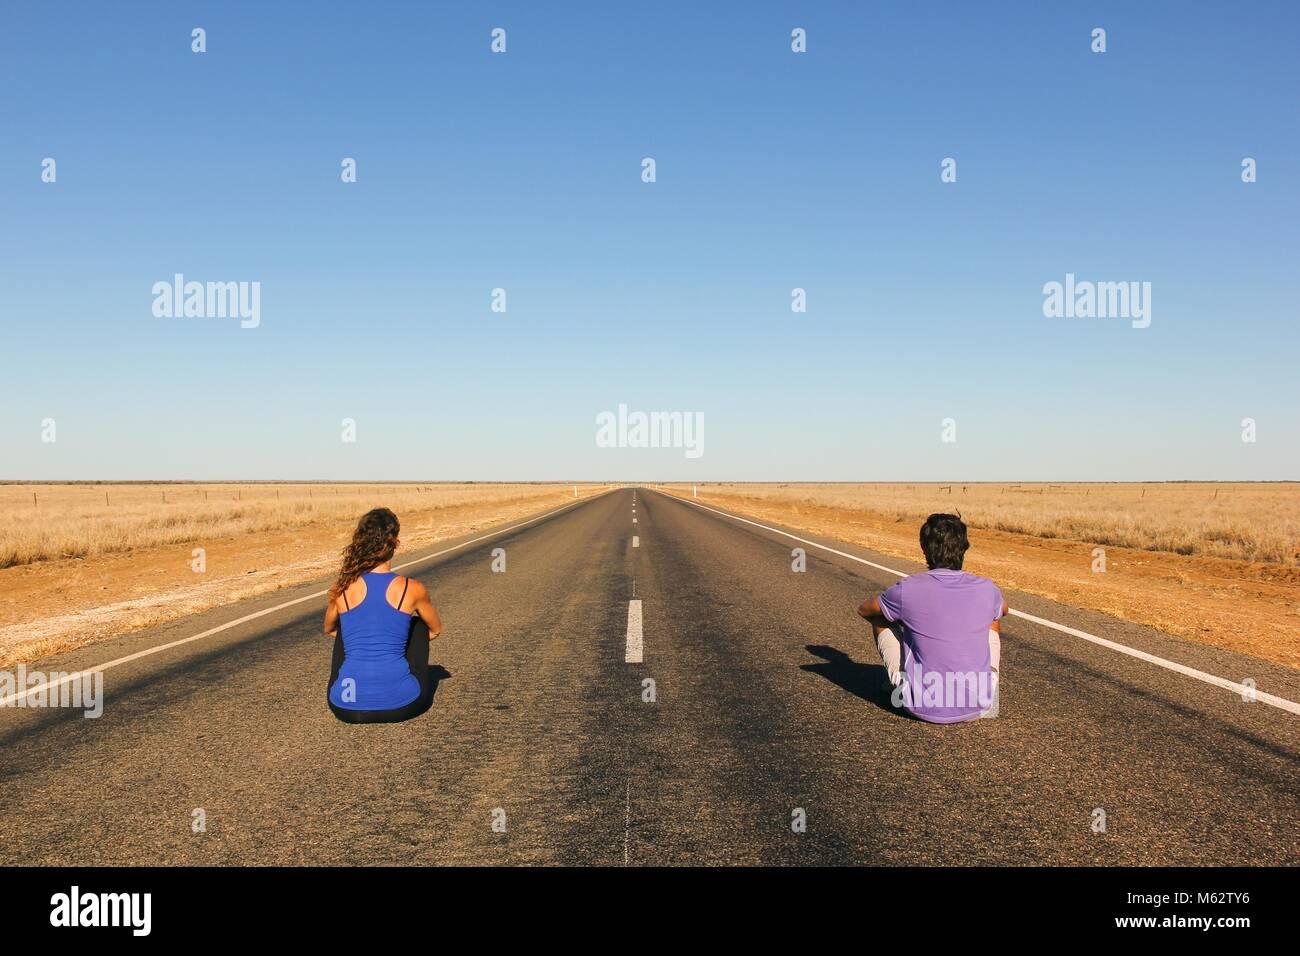 Pareja joven desde detrás sentada en una interminable recta carretera vacía en el medio de la nada en Imagen De Stock